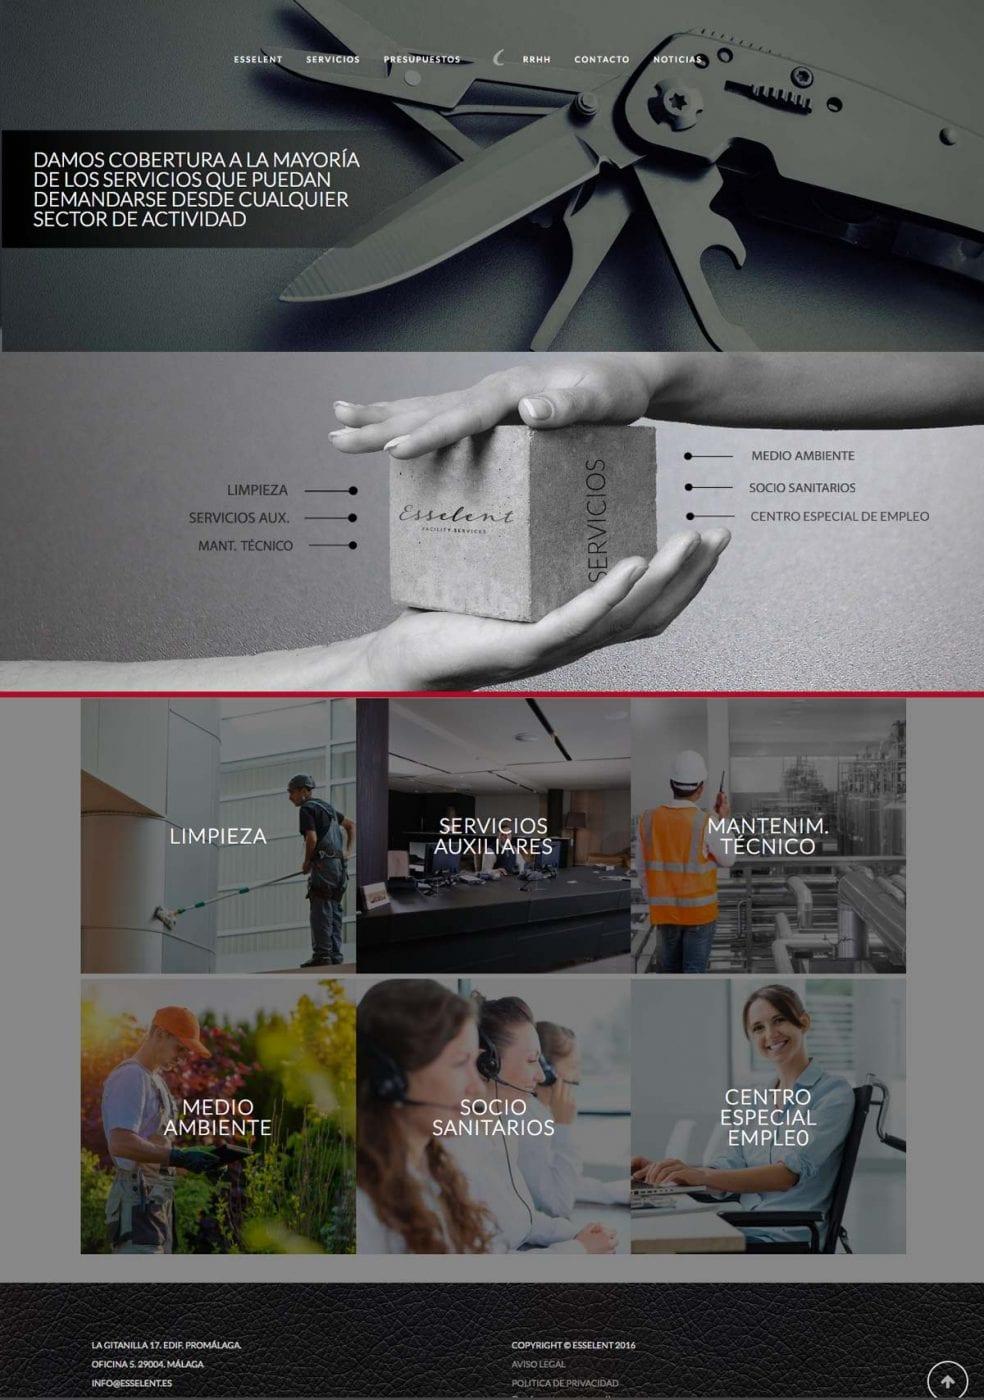 diseño de landing page para empresas